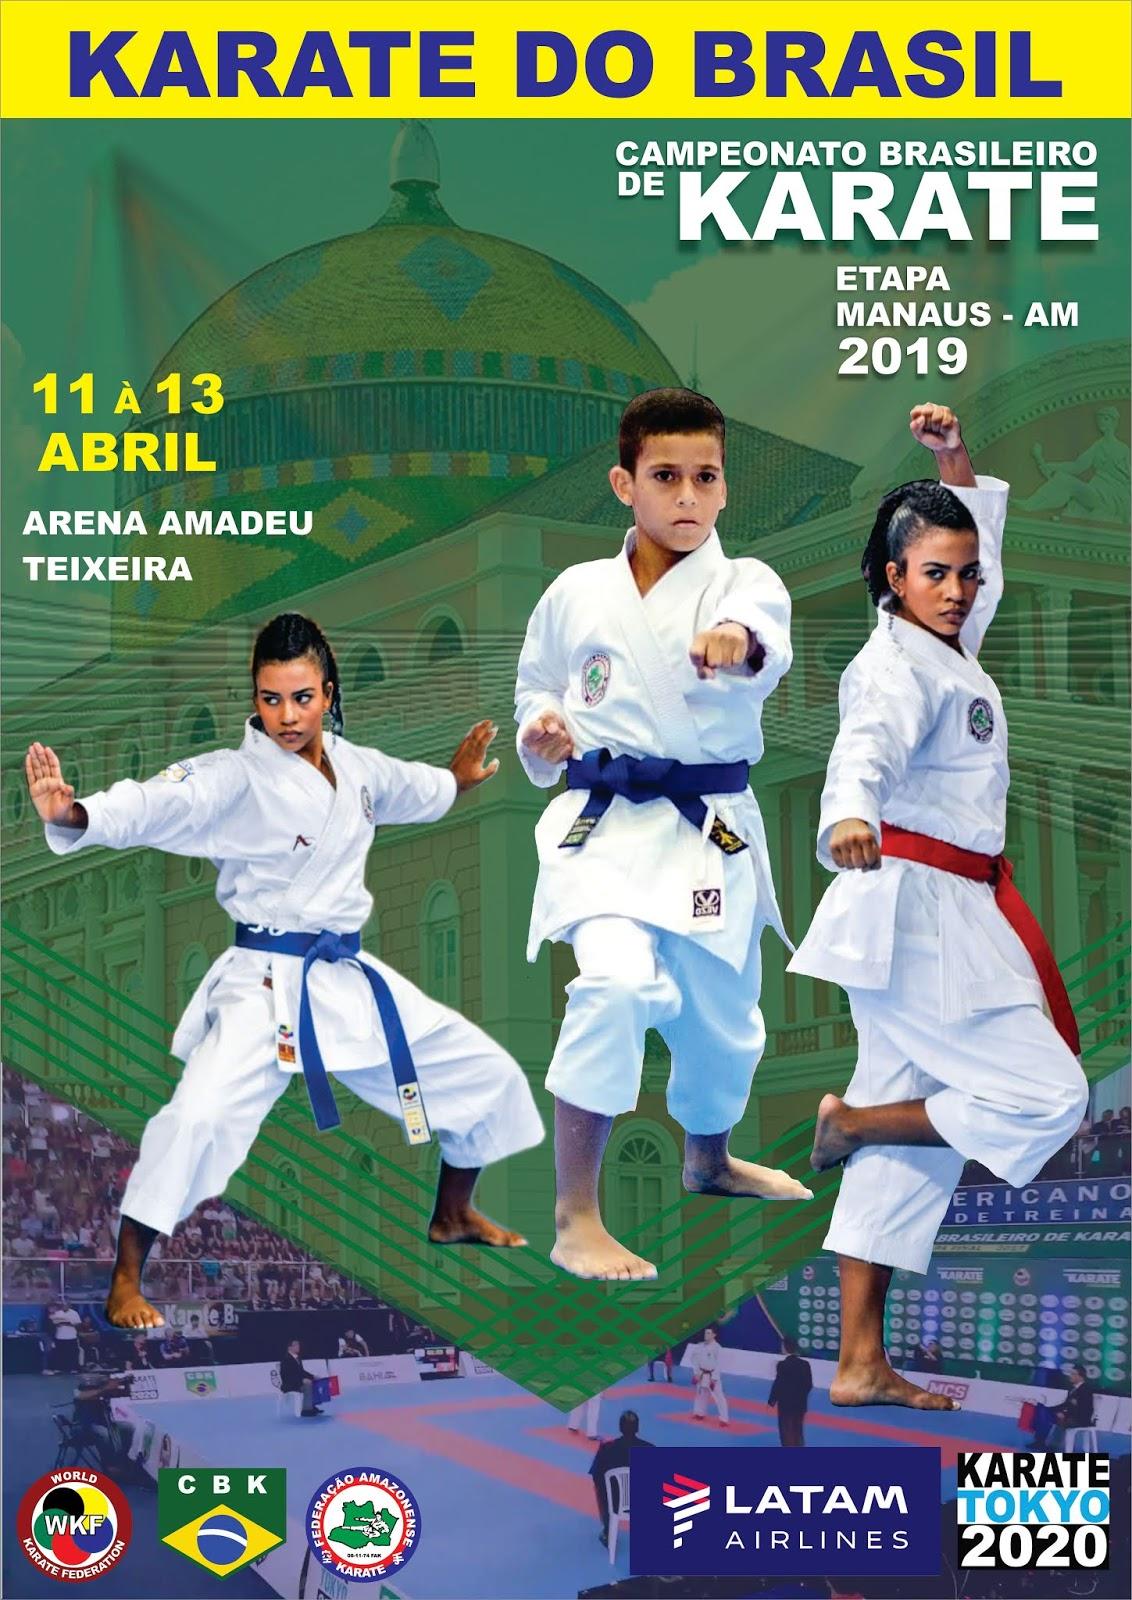 Campeonato Brasileiro de Karate - Fase Classificatória AM